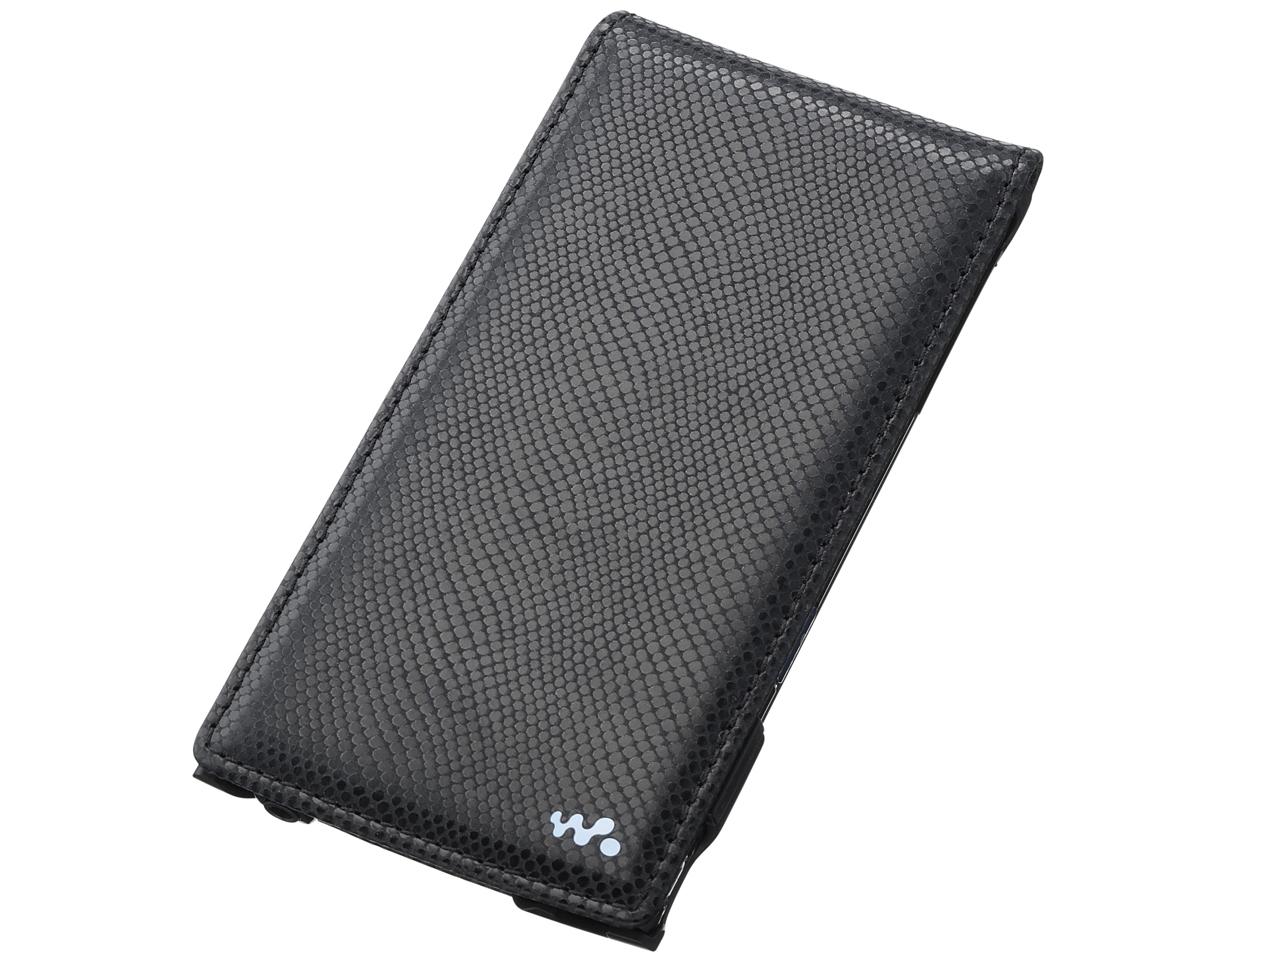 чехол для плеера Оригинальный кожаный чехол Sony CKL-nwz1000 Sony/NW-z1050 z1060 z1070